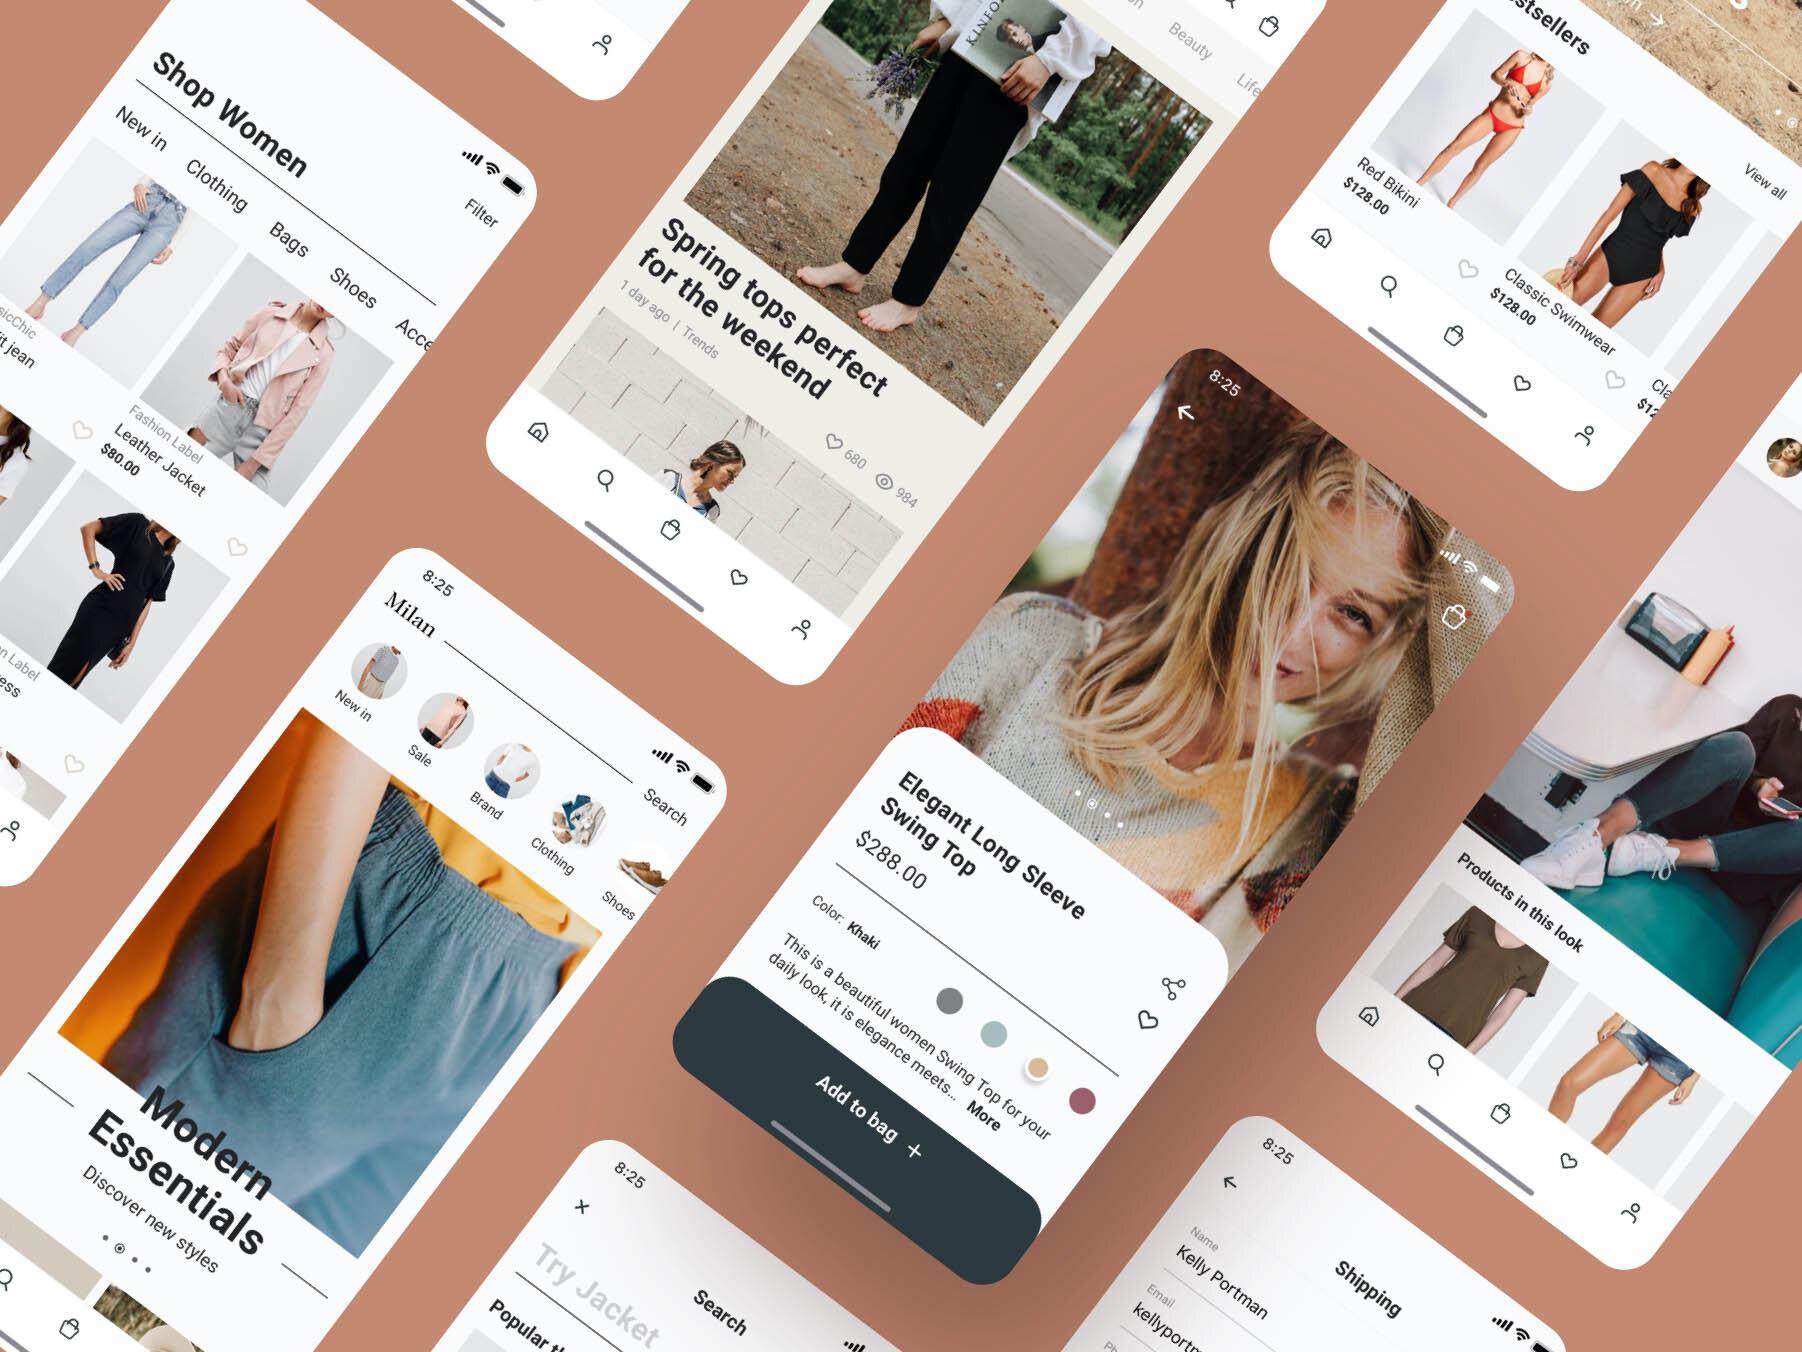 Milan Fashion App Ui Kit Design Fashion Shopping App Faster Interface Market